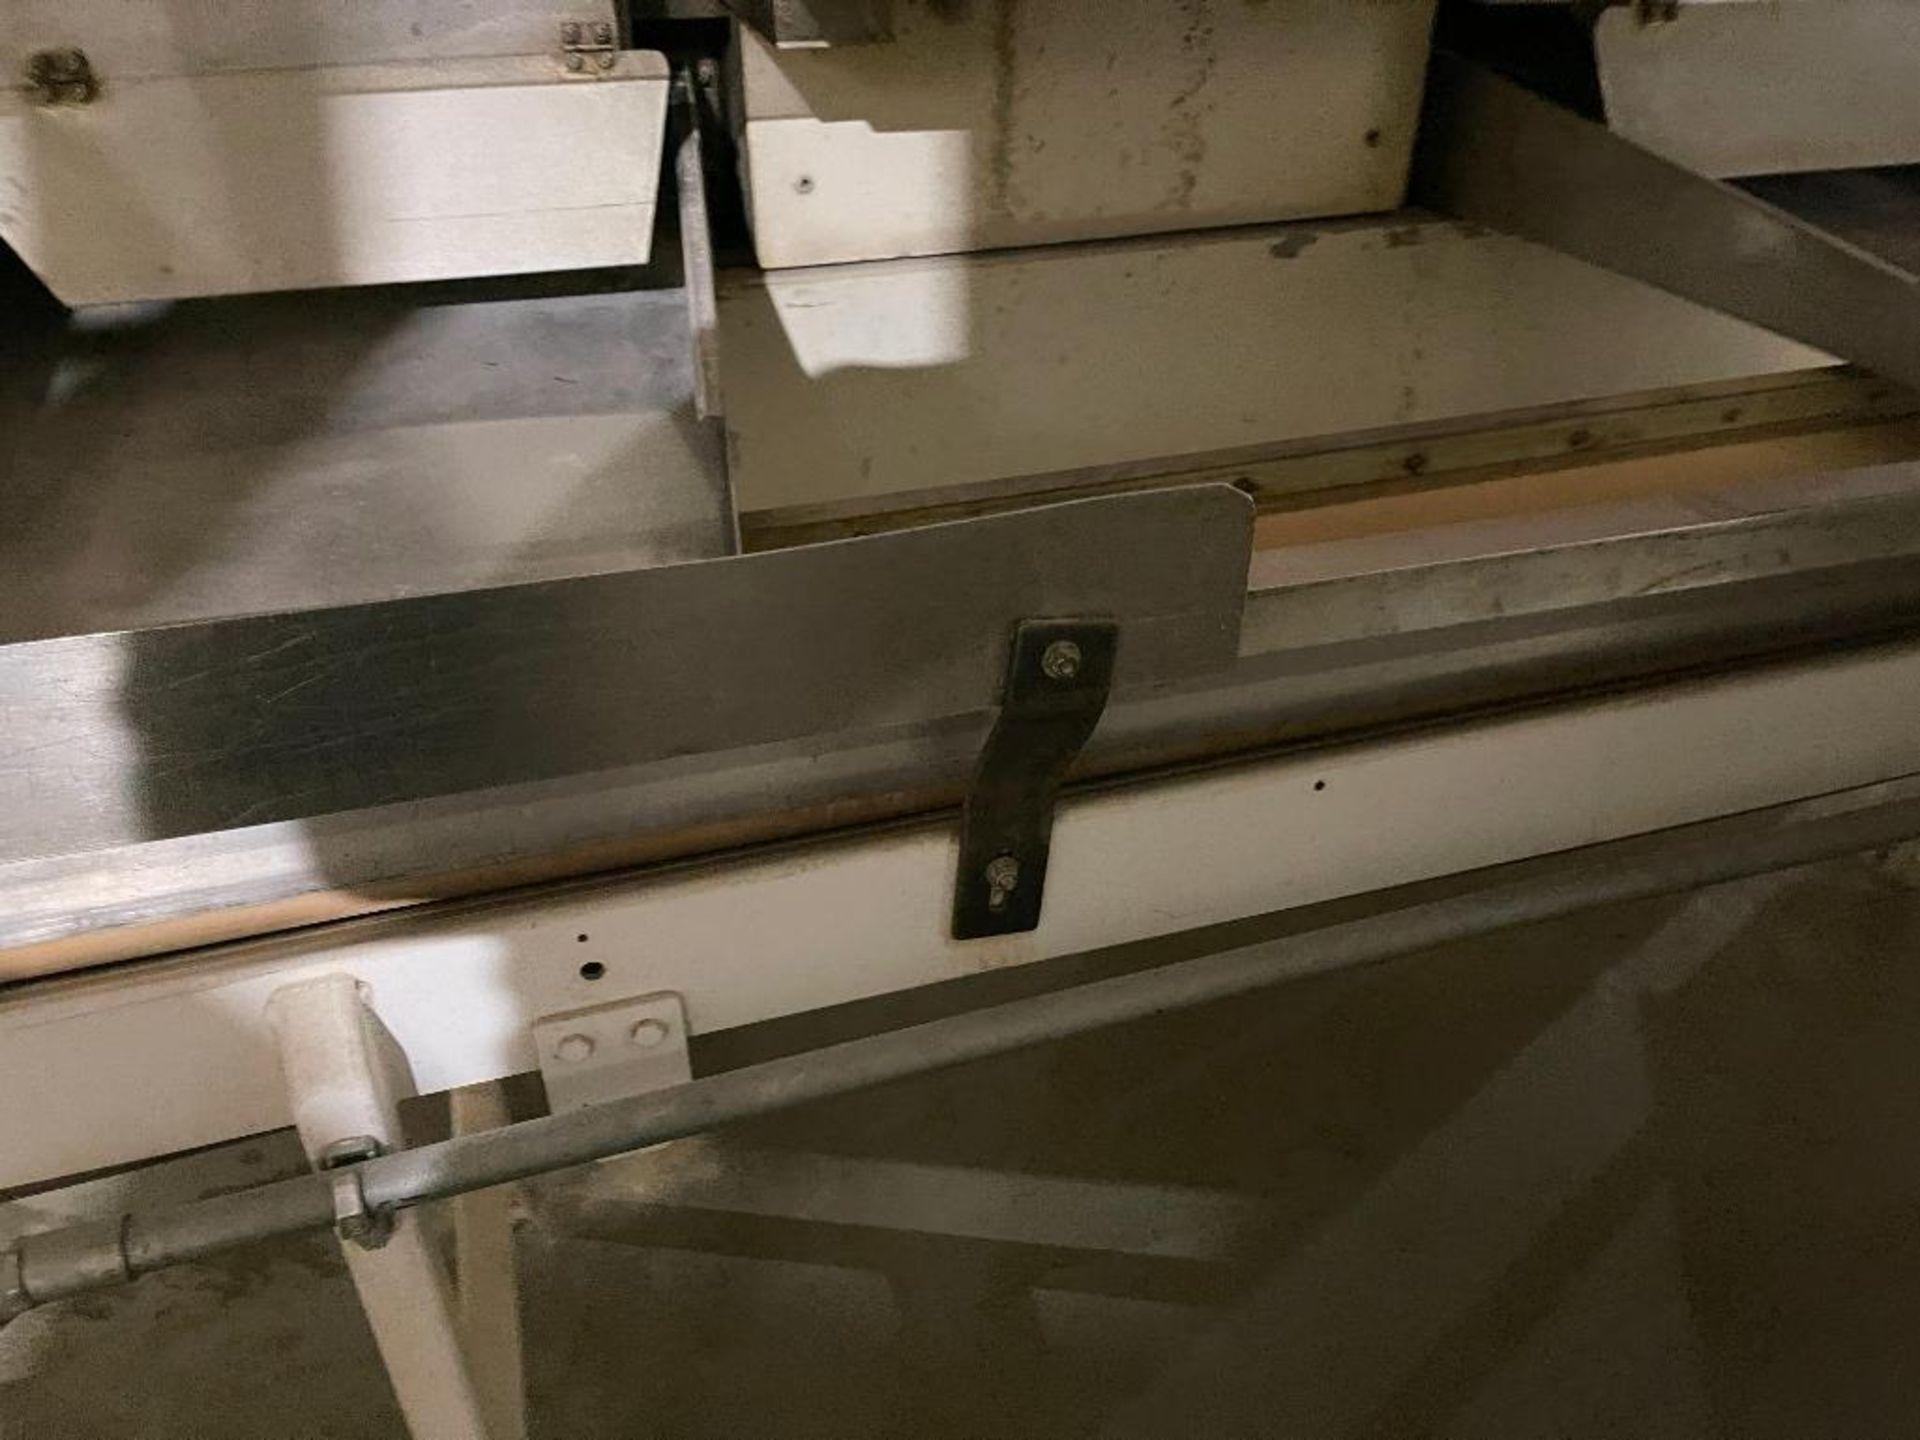 mild steel belt conveyor - Image 9 of 16